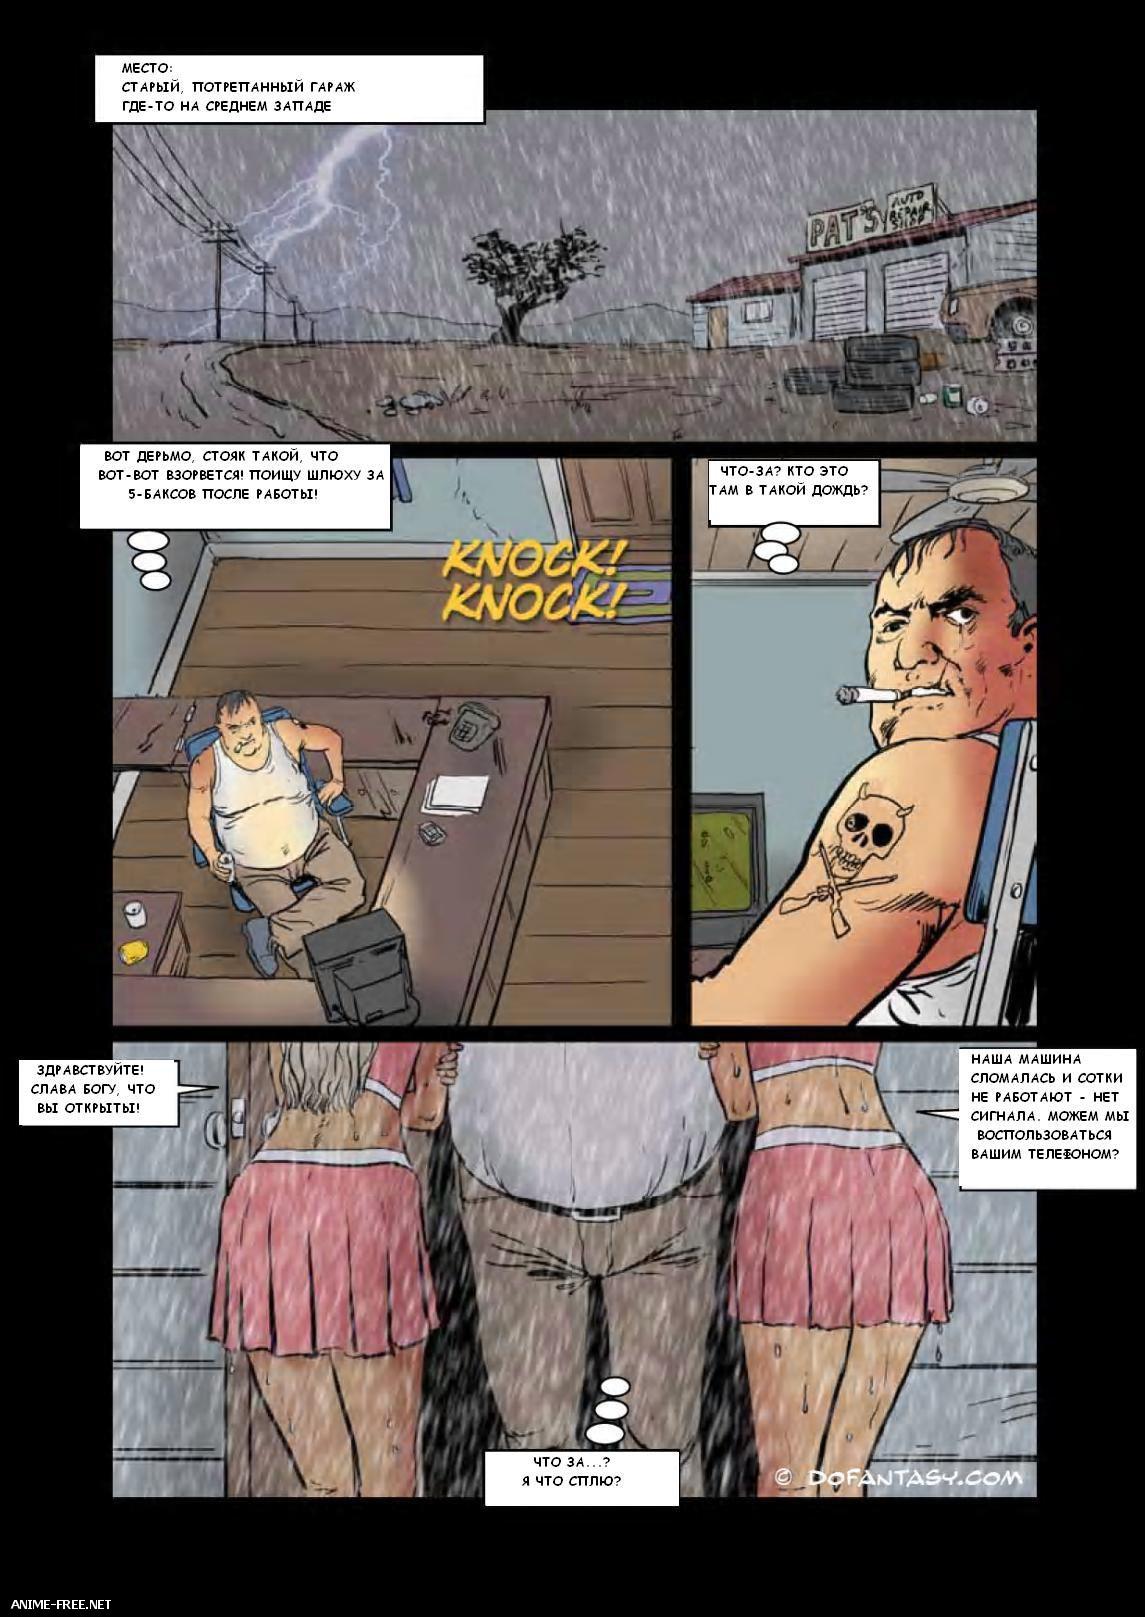 Fernando Comics / Комиксы от Fernando [Uncen] [RUS] Porn Comics